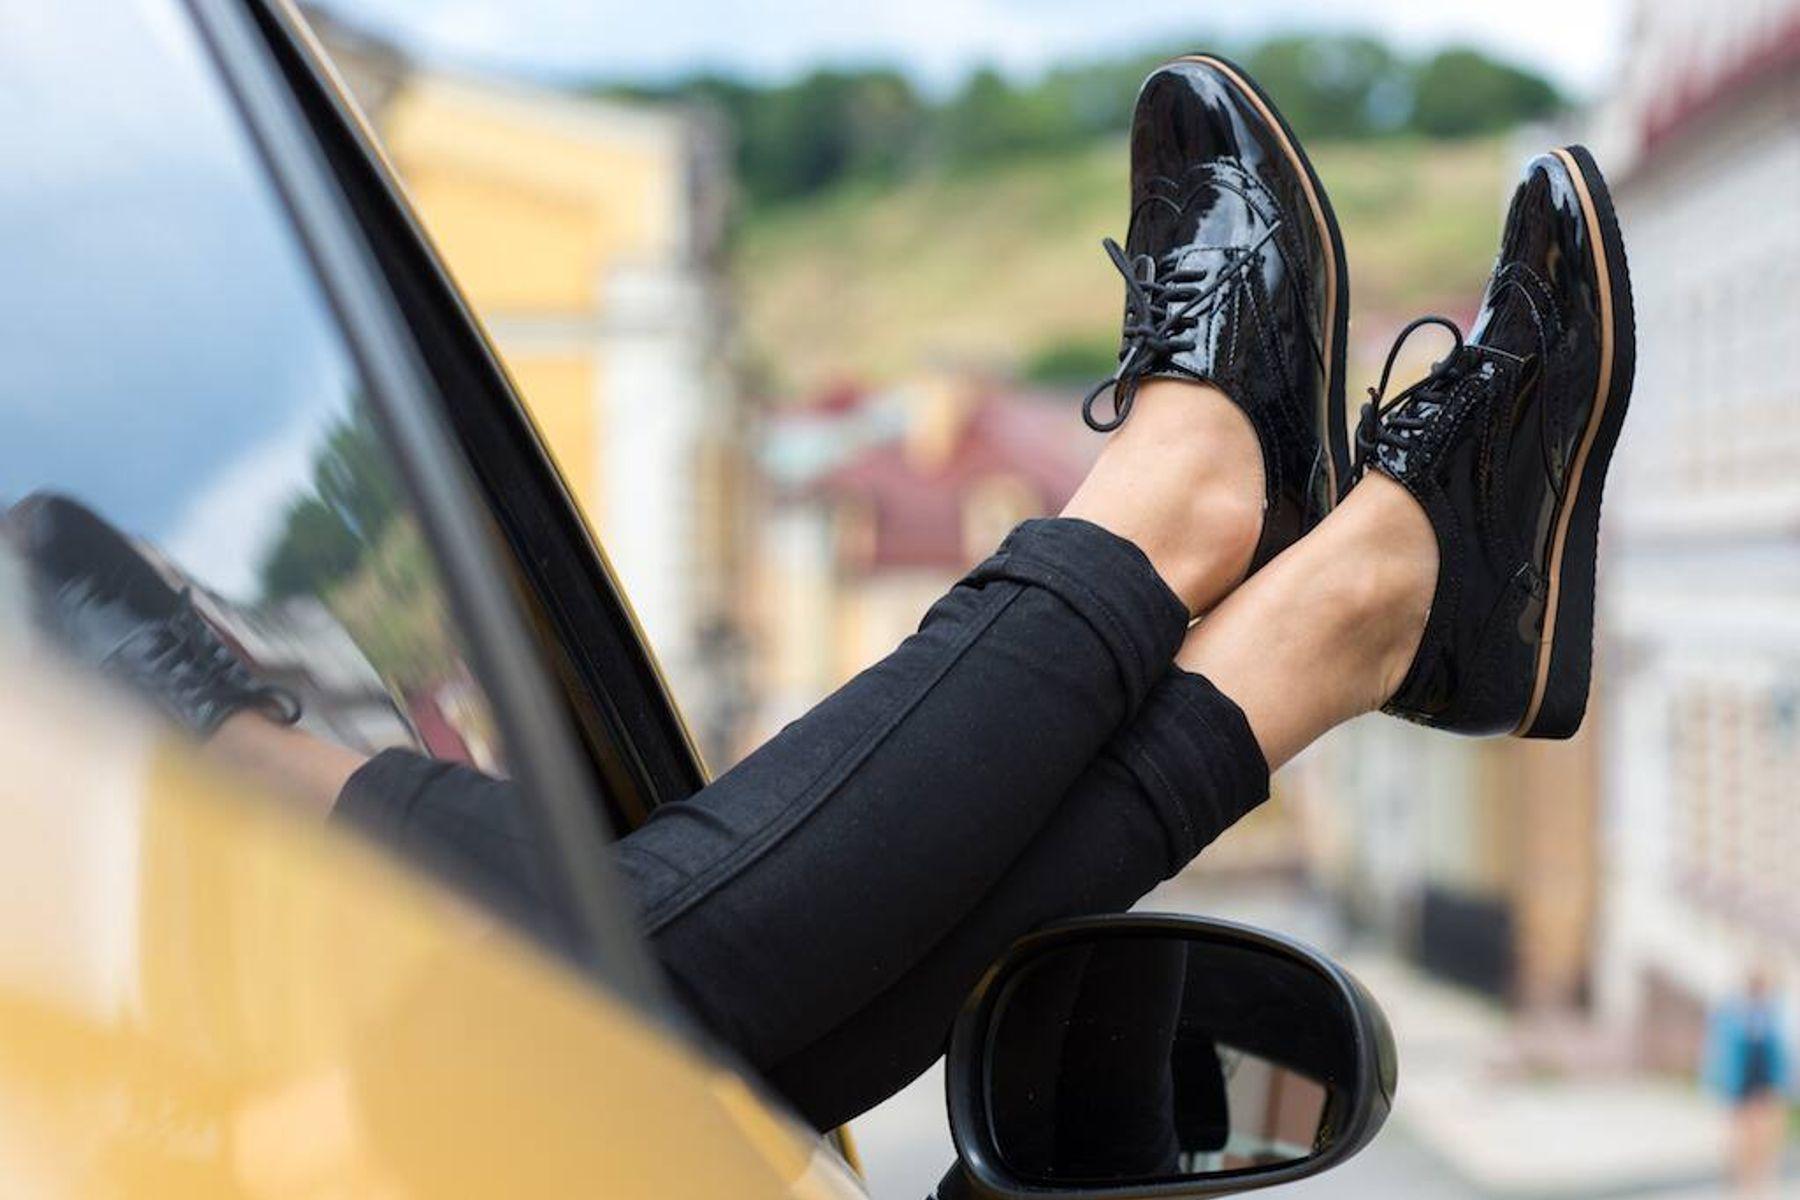 seseorang mengenakan sepatu kulit hitam dengan kaki di luar jendela mobil